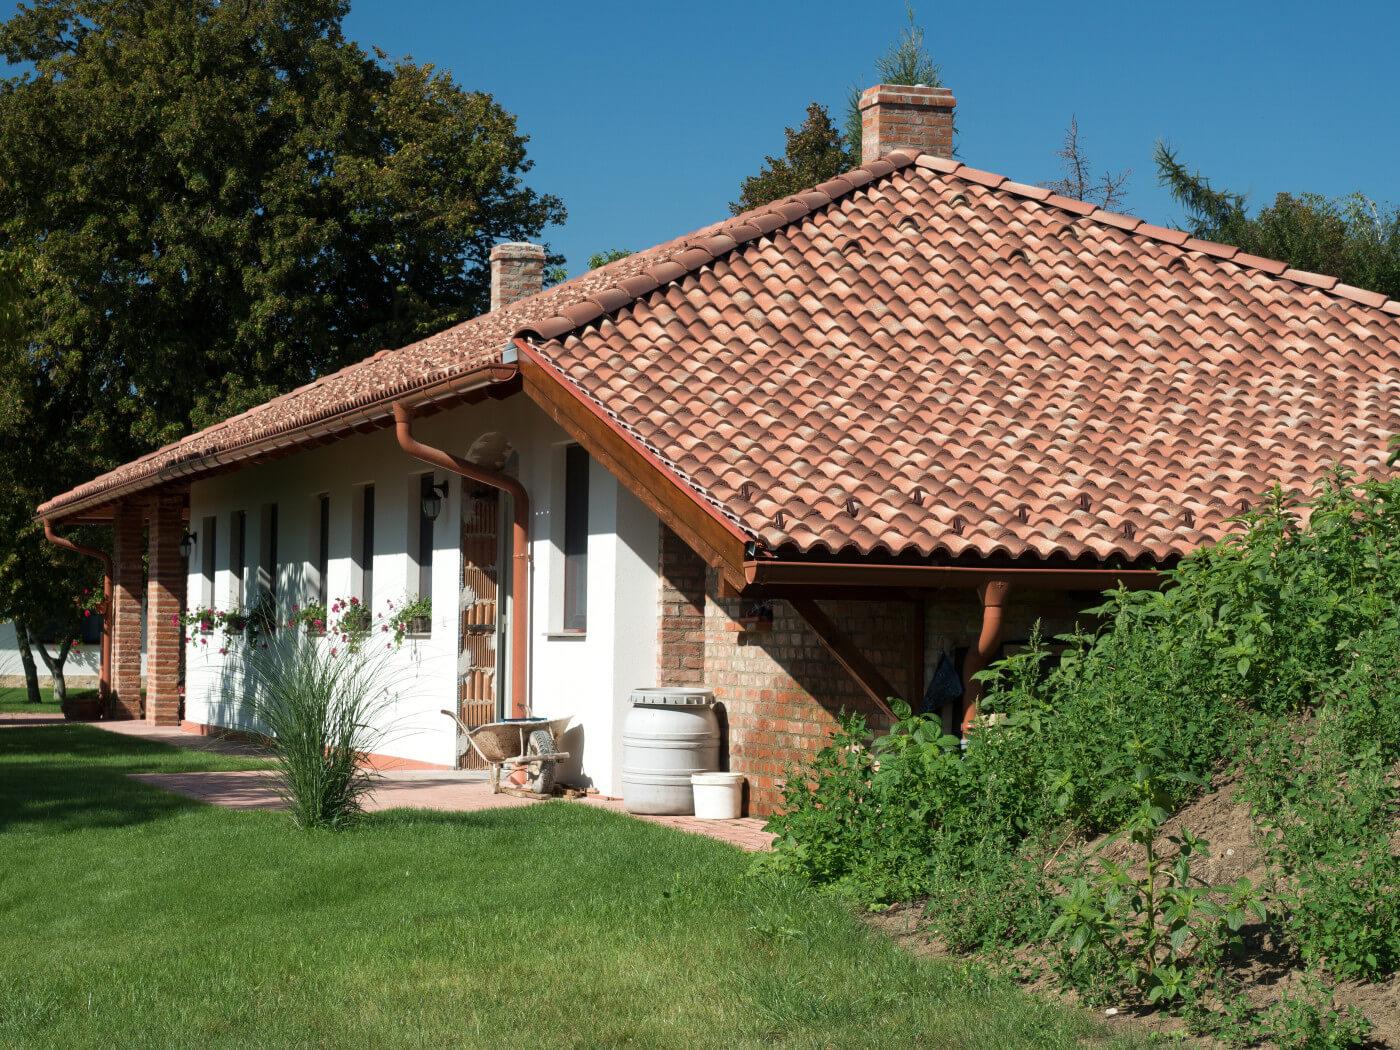 Valbová strecha – Viacefarebná krytina